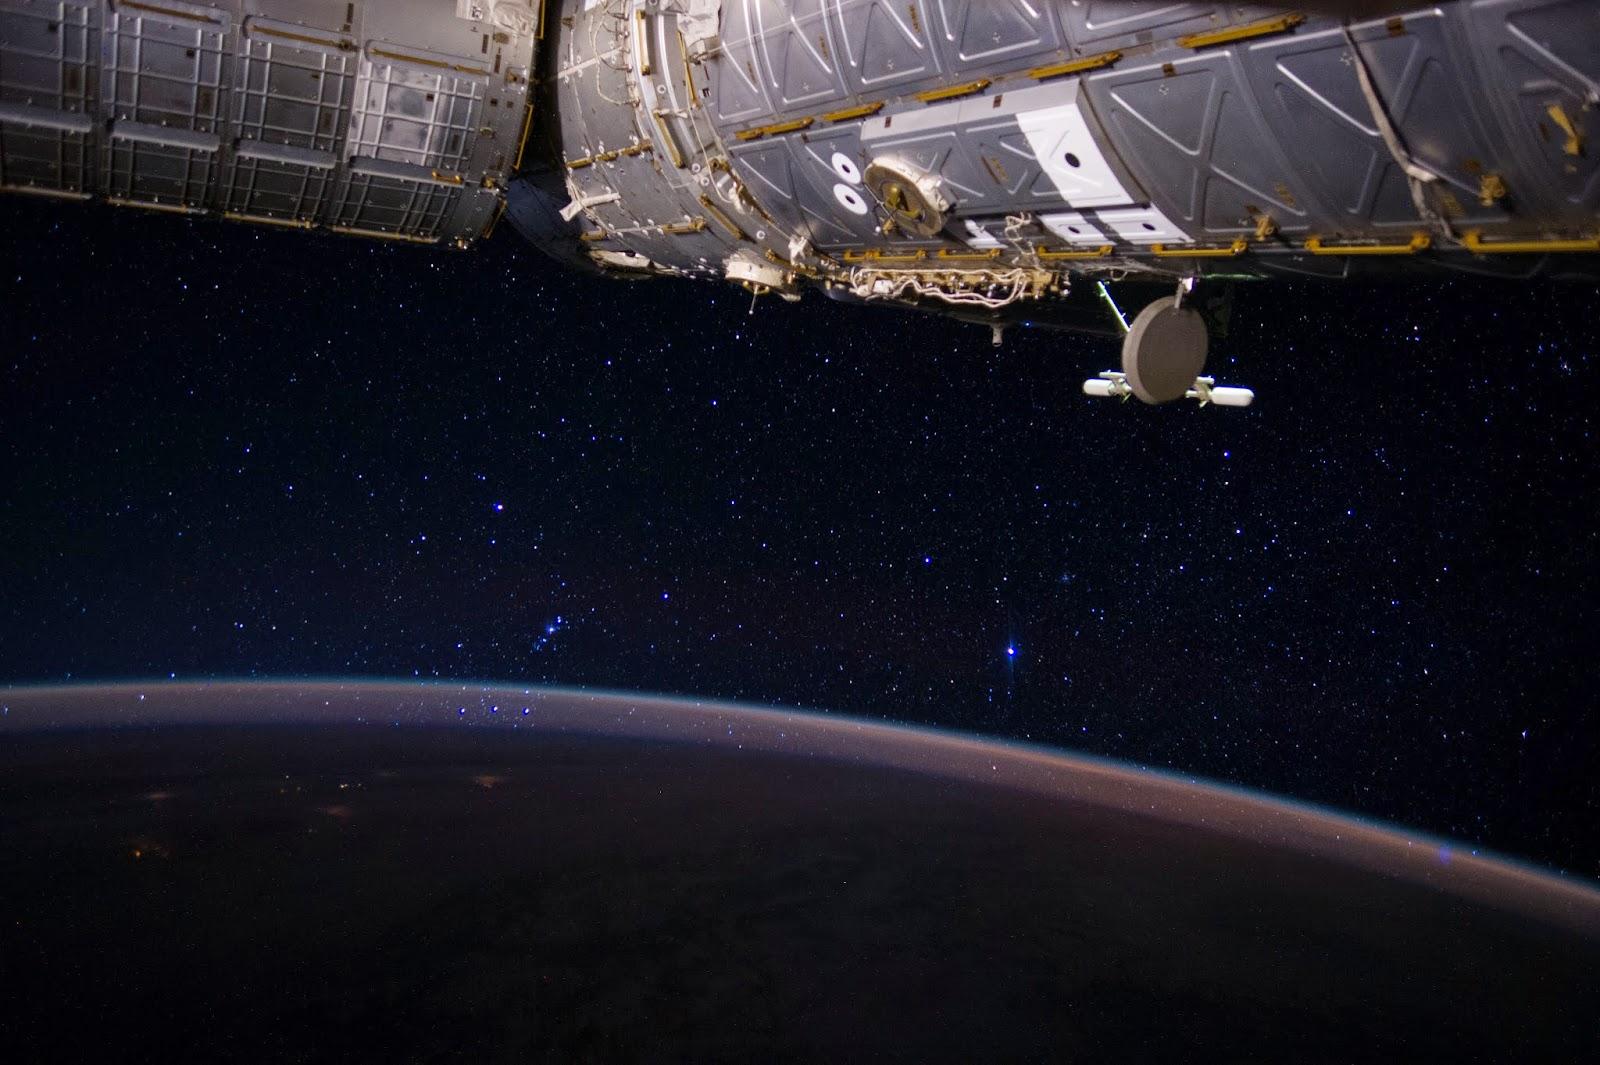 Constelação de Orion vista a partir da ISS